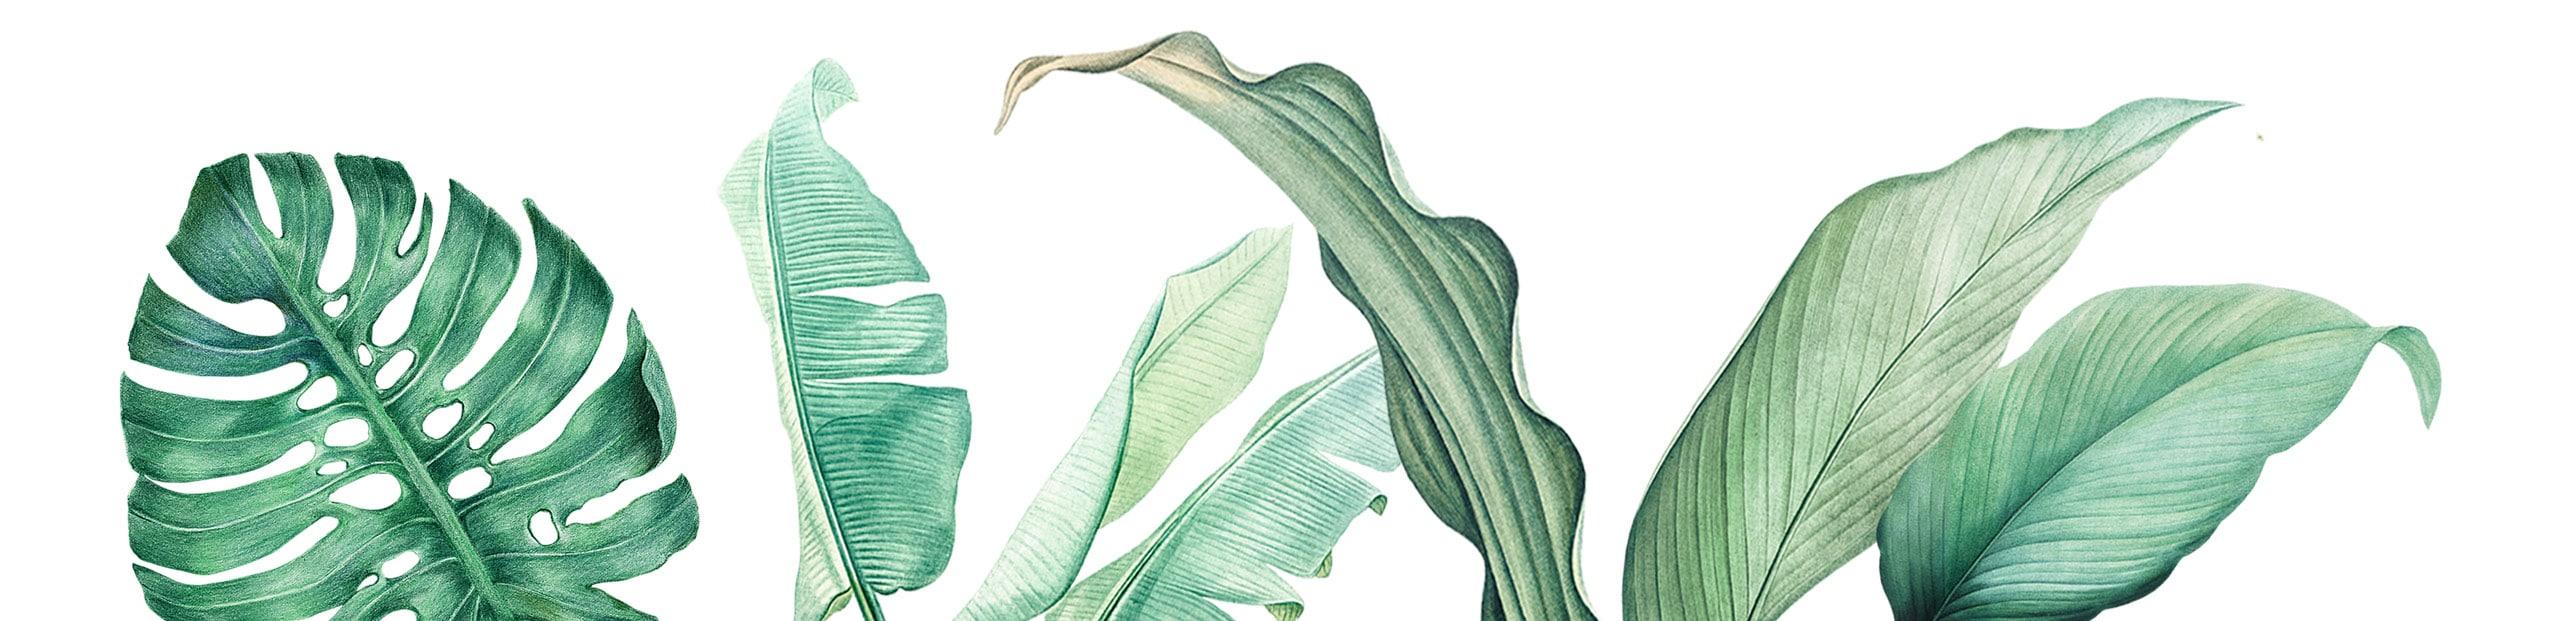 PlantsLong-2